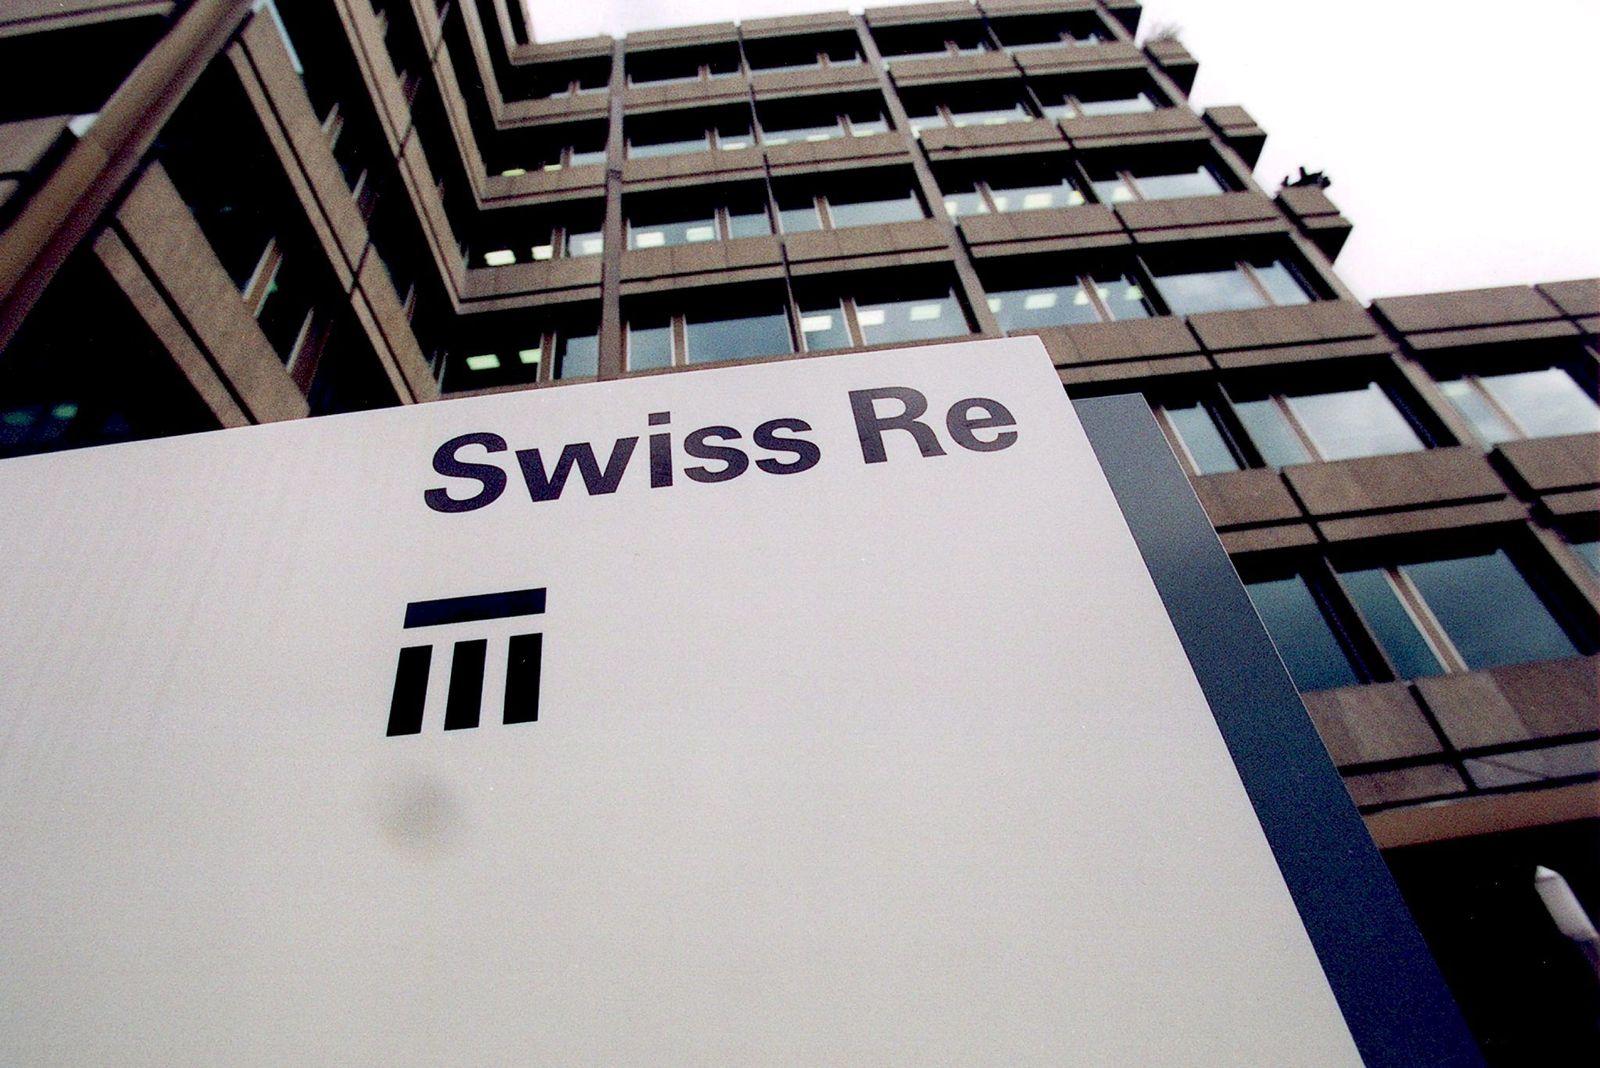 Swiss Re / Rückversicherer